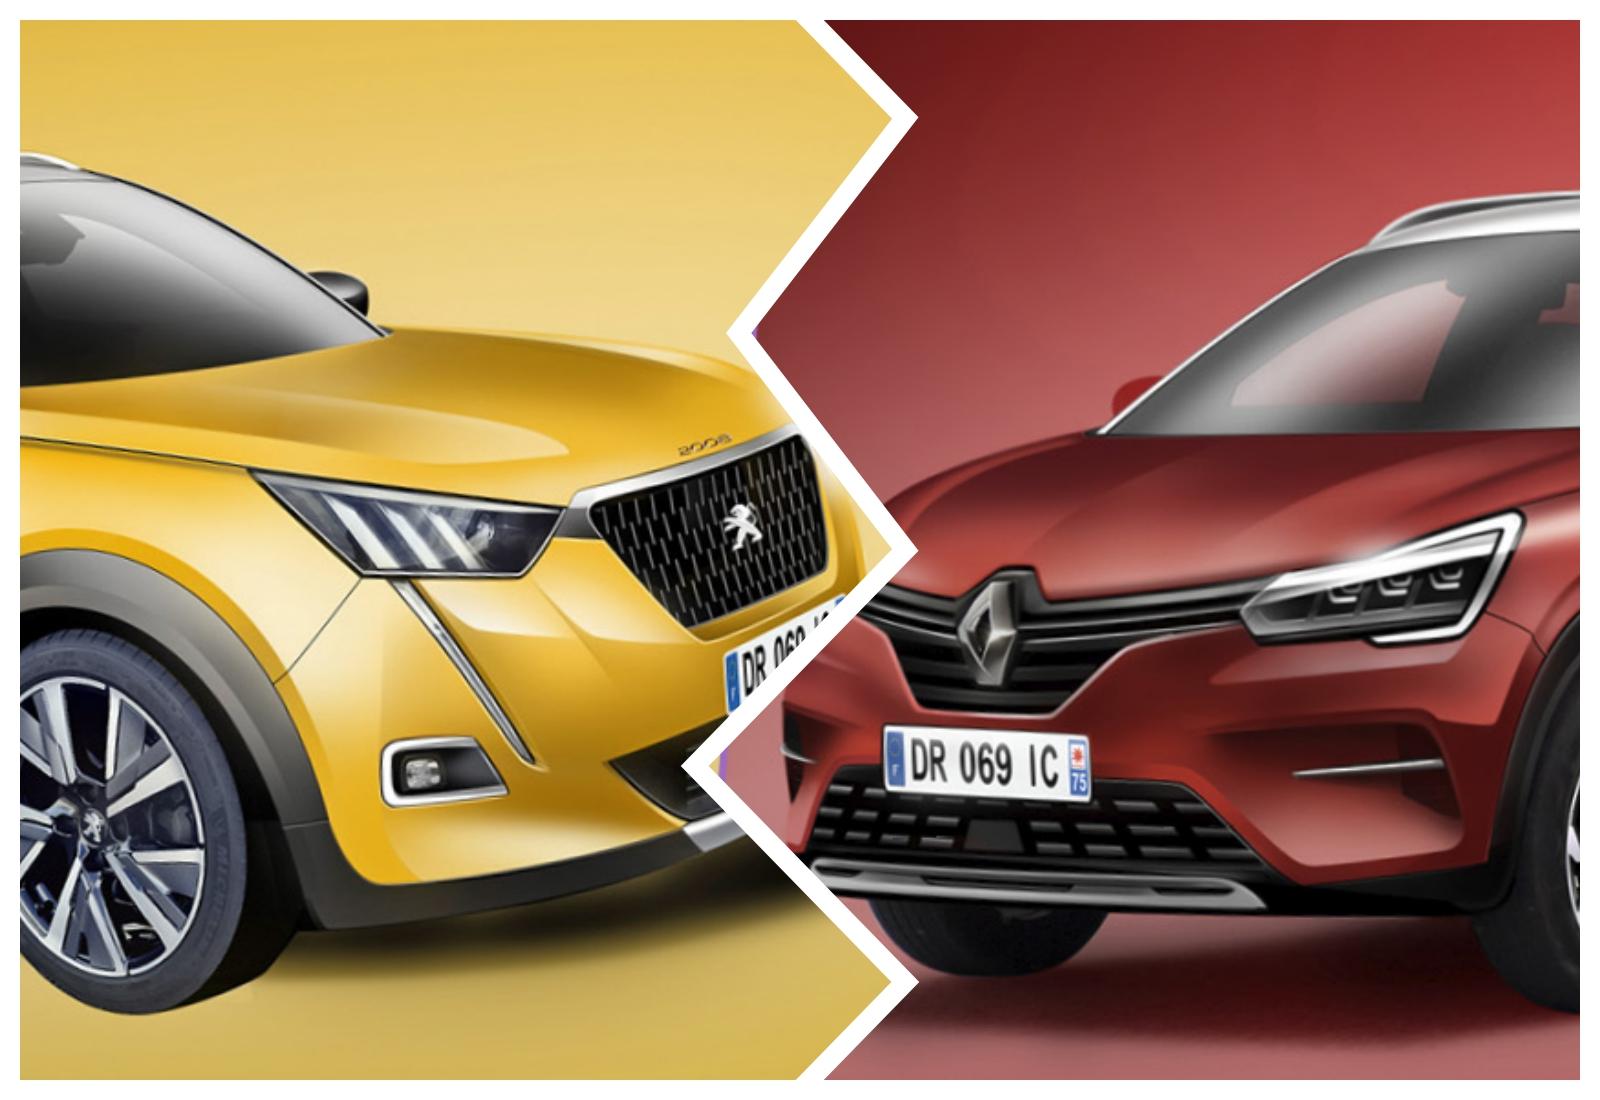 Peugeot 2008 ou Renault Captur: qual será o melhor na segunda geração?